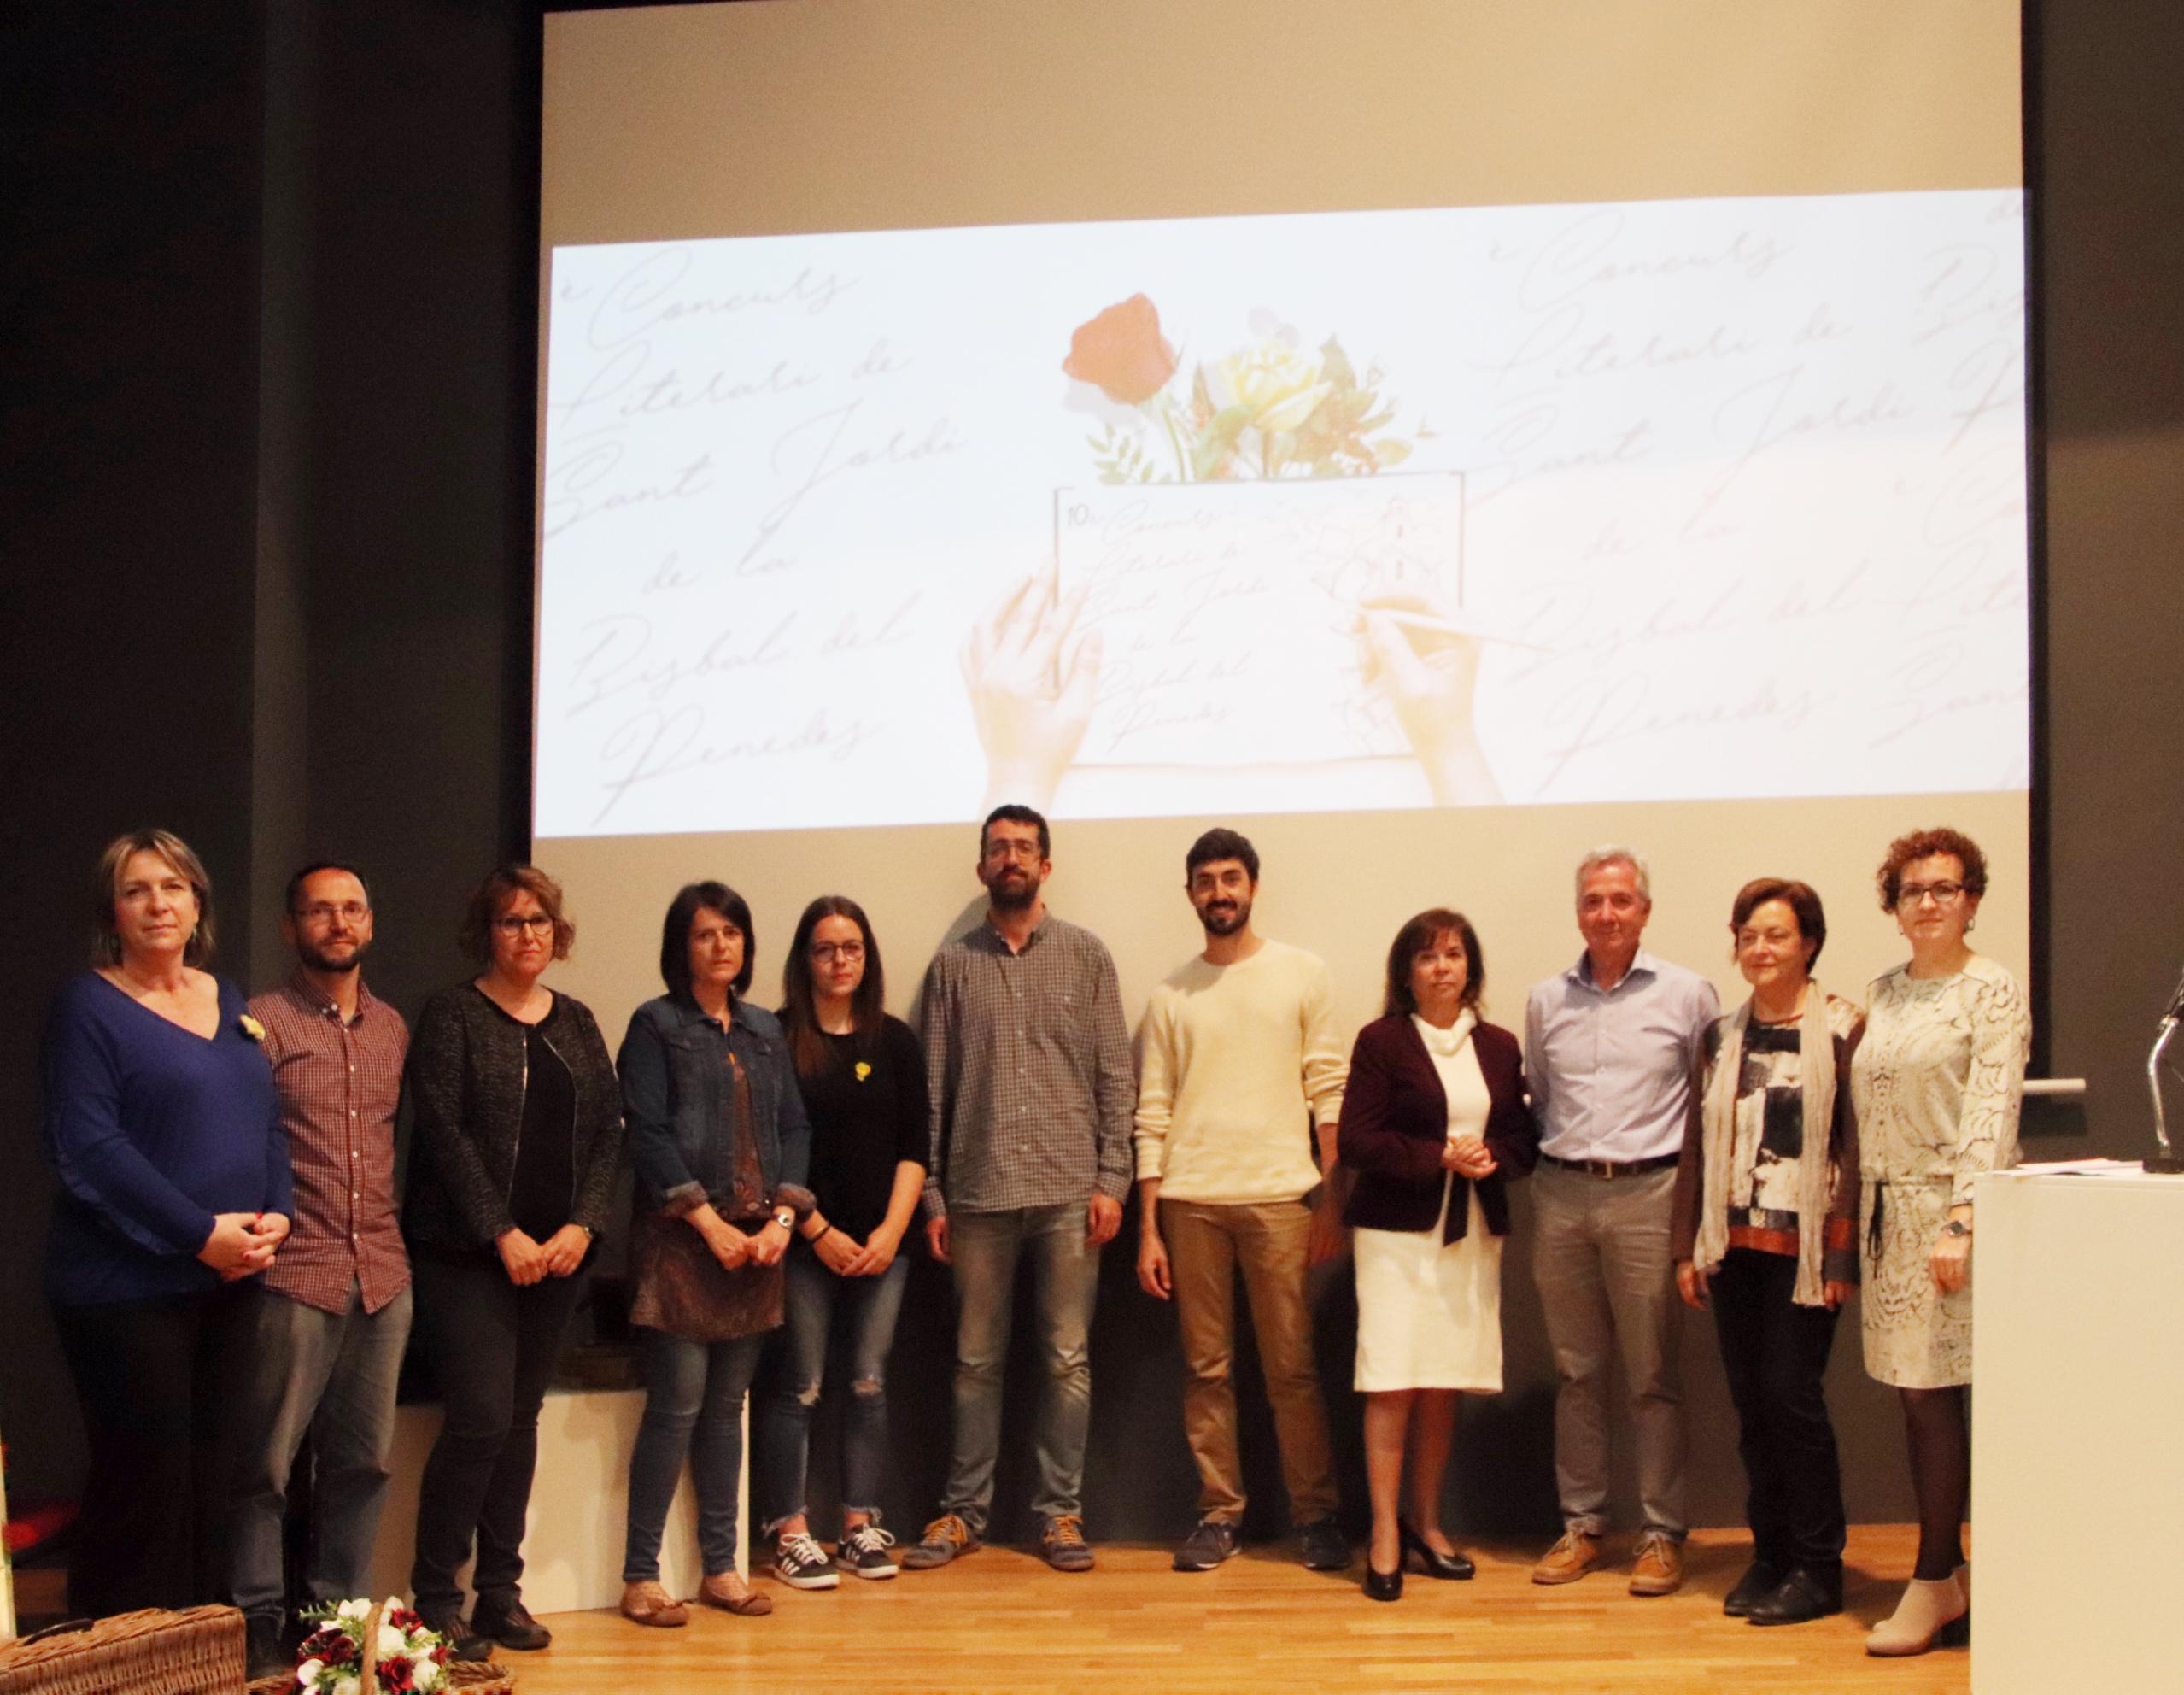 S'obre la convocatòria per al Concurs Literari de Sant Jordi 2019